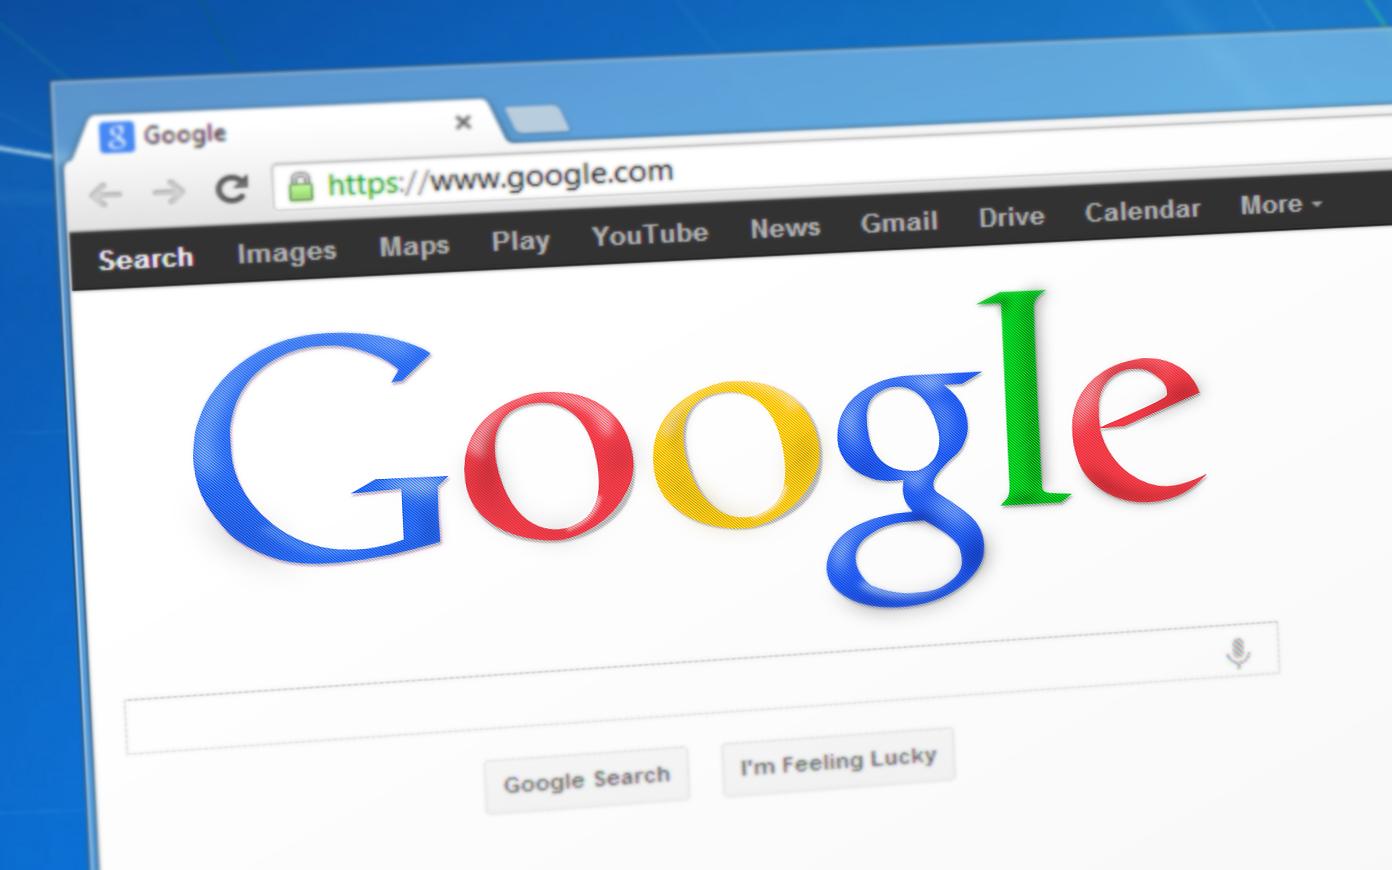 Google personaliza los resultados de búsqueda incluso en